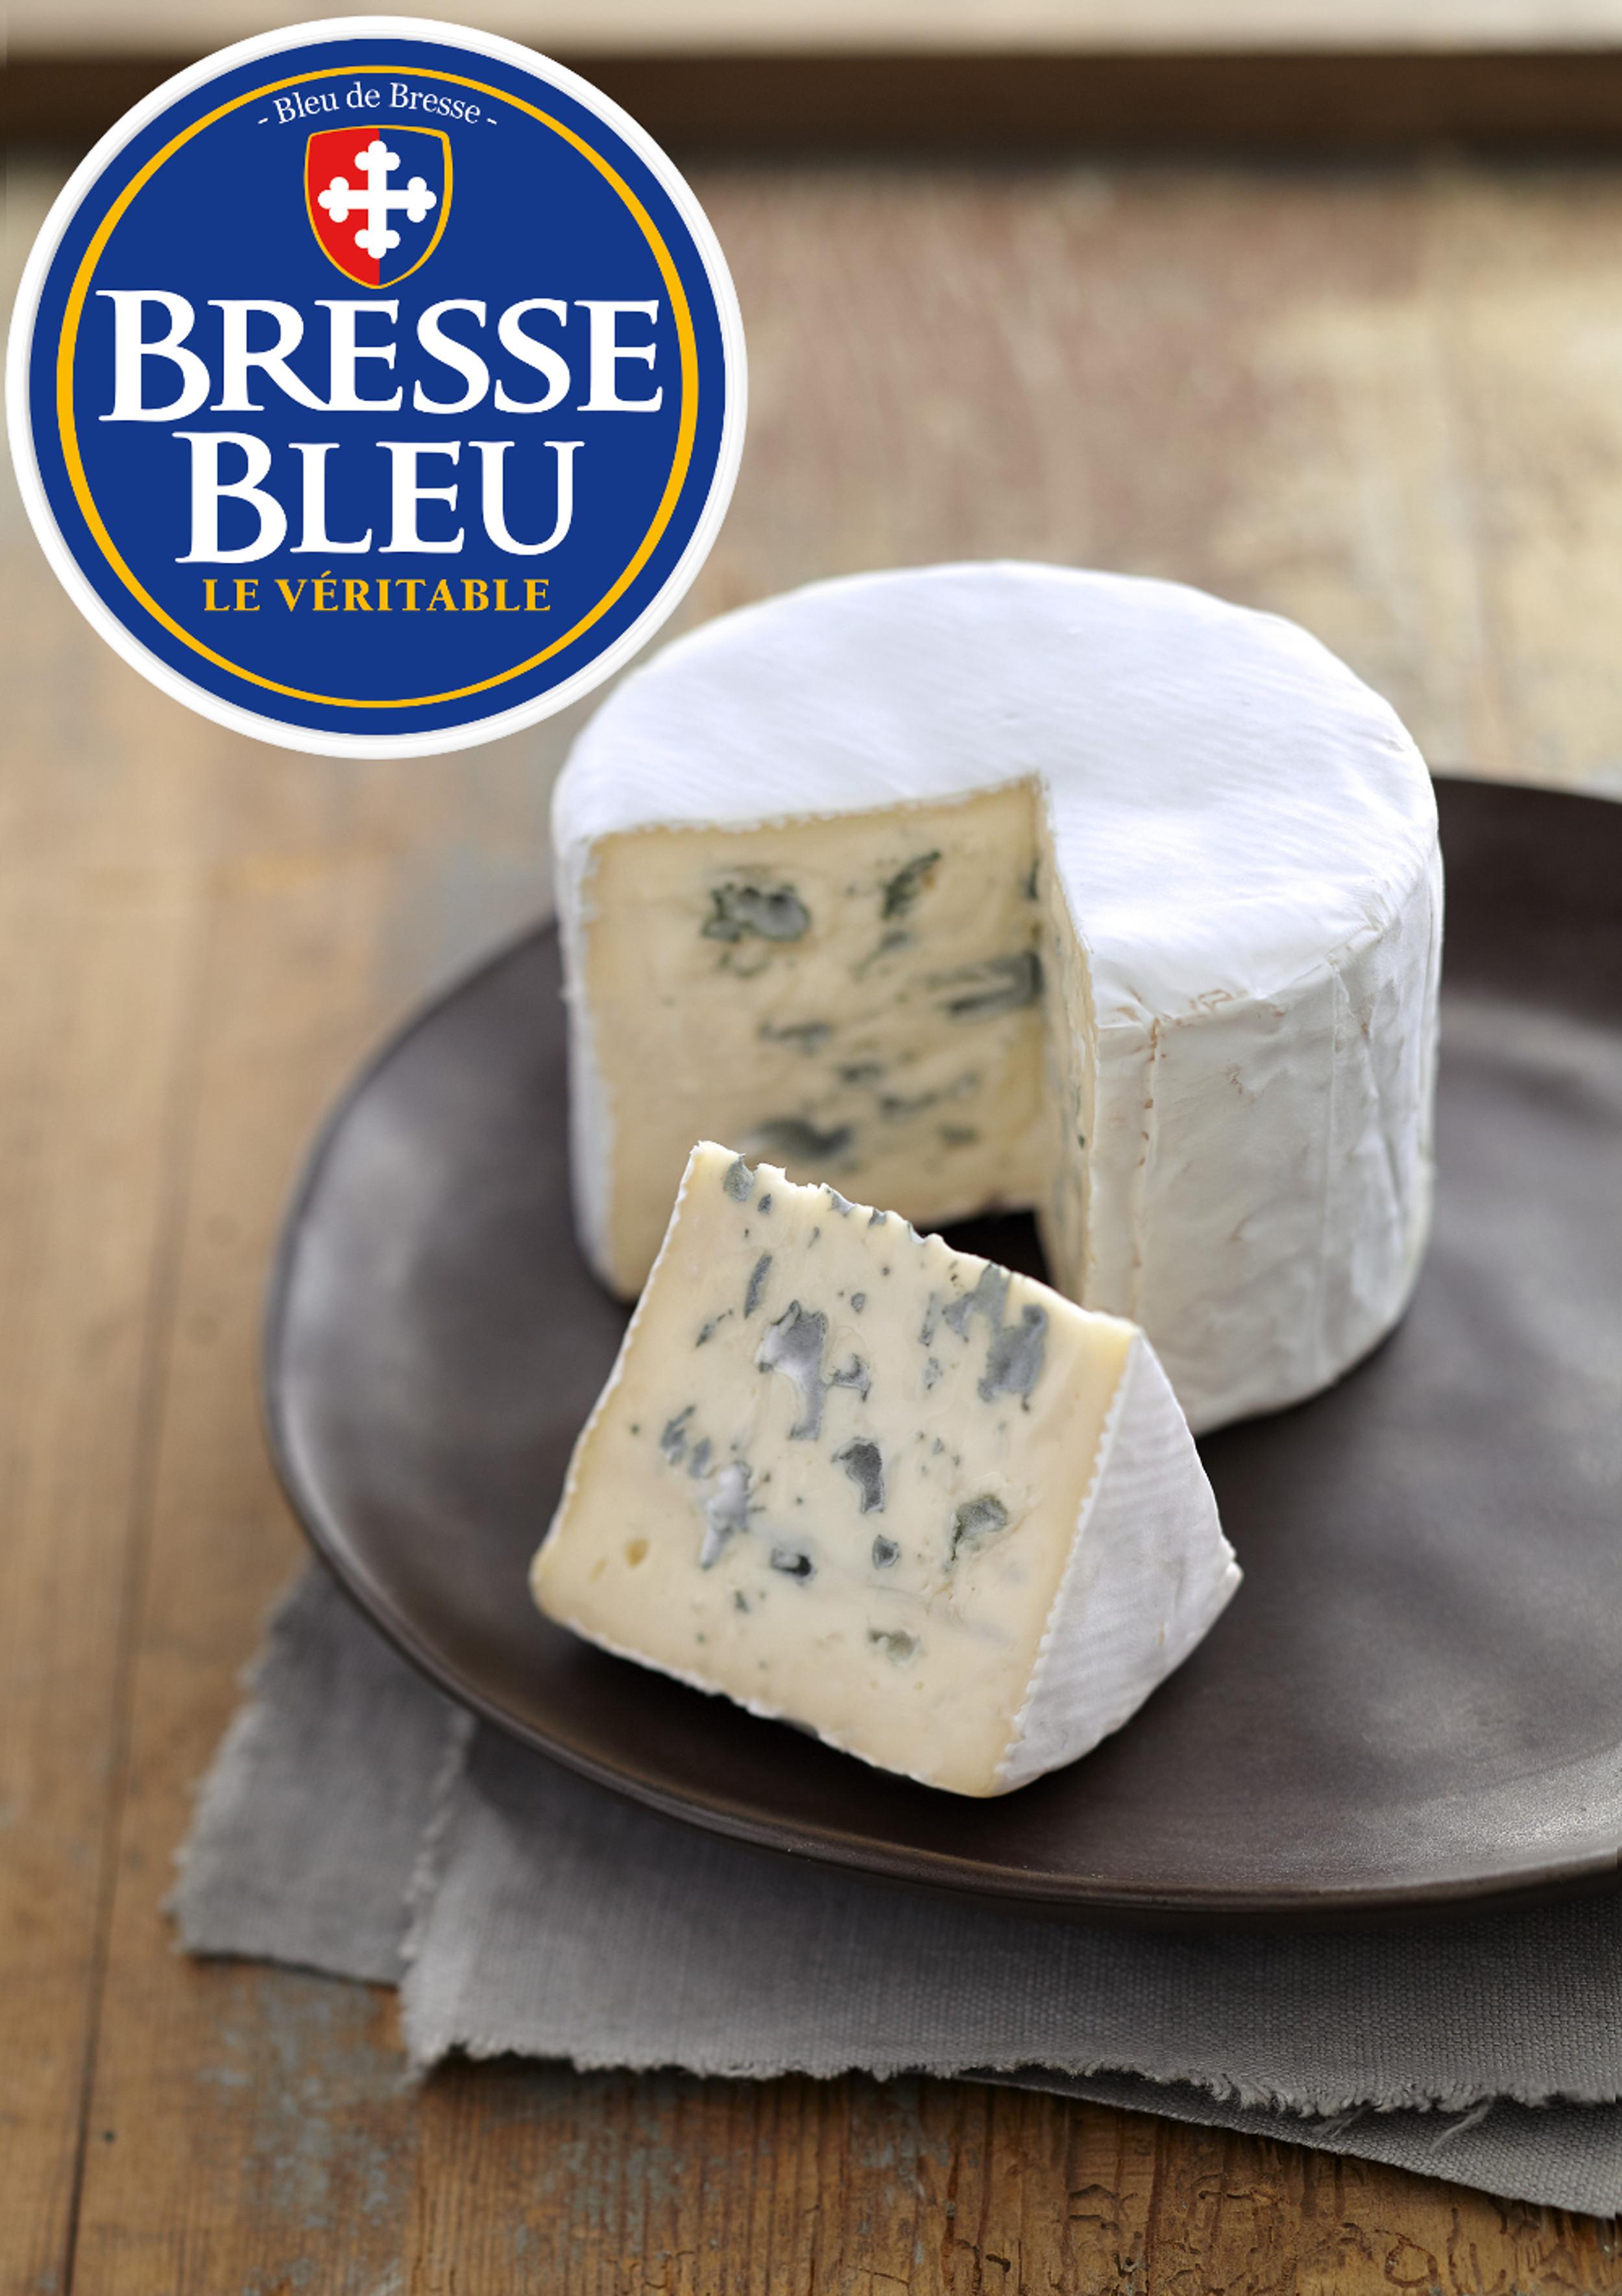 bleu-de-bresse-formaggio incinta